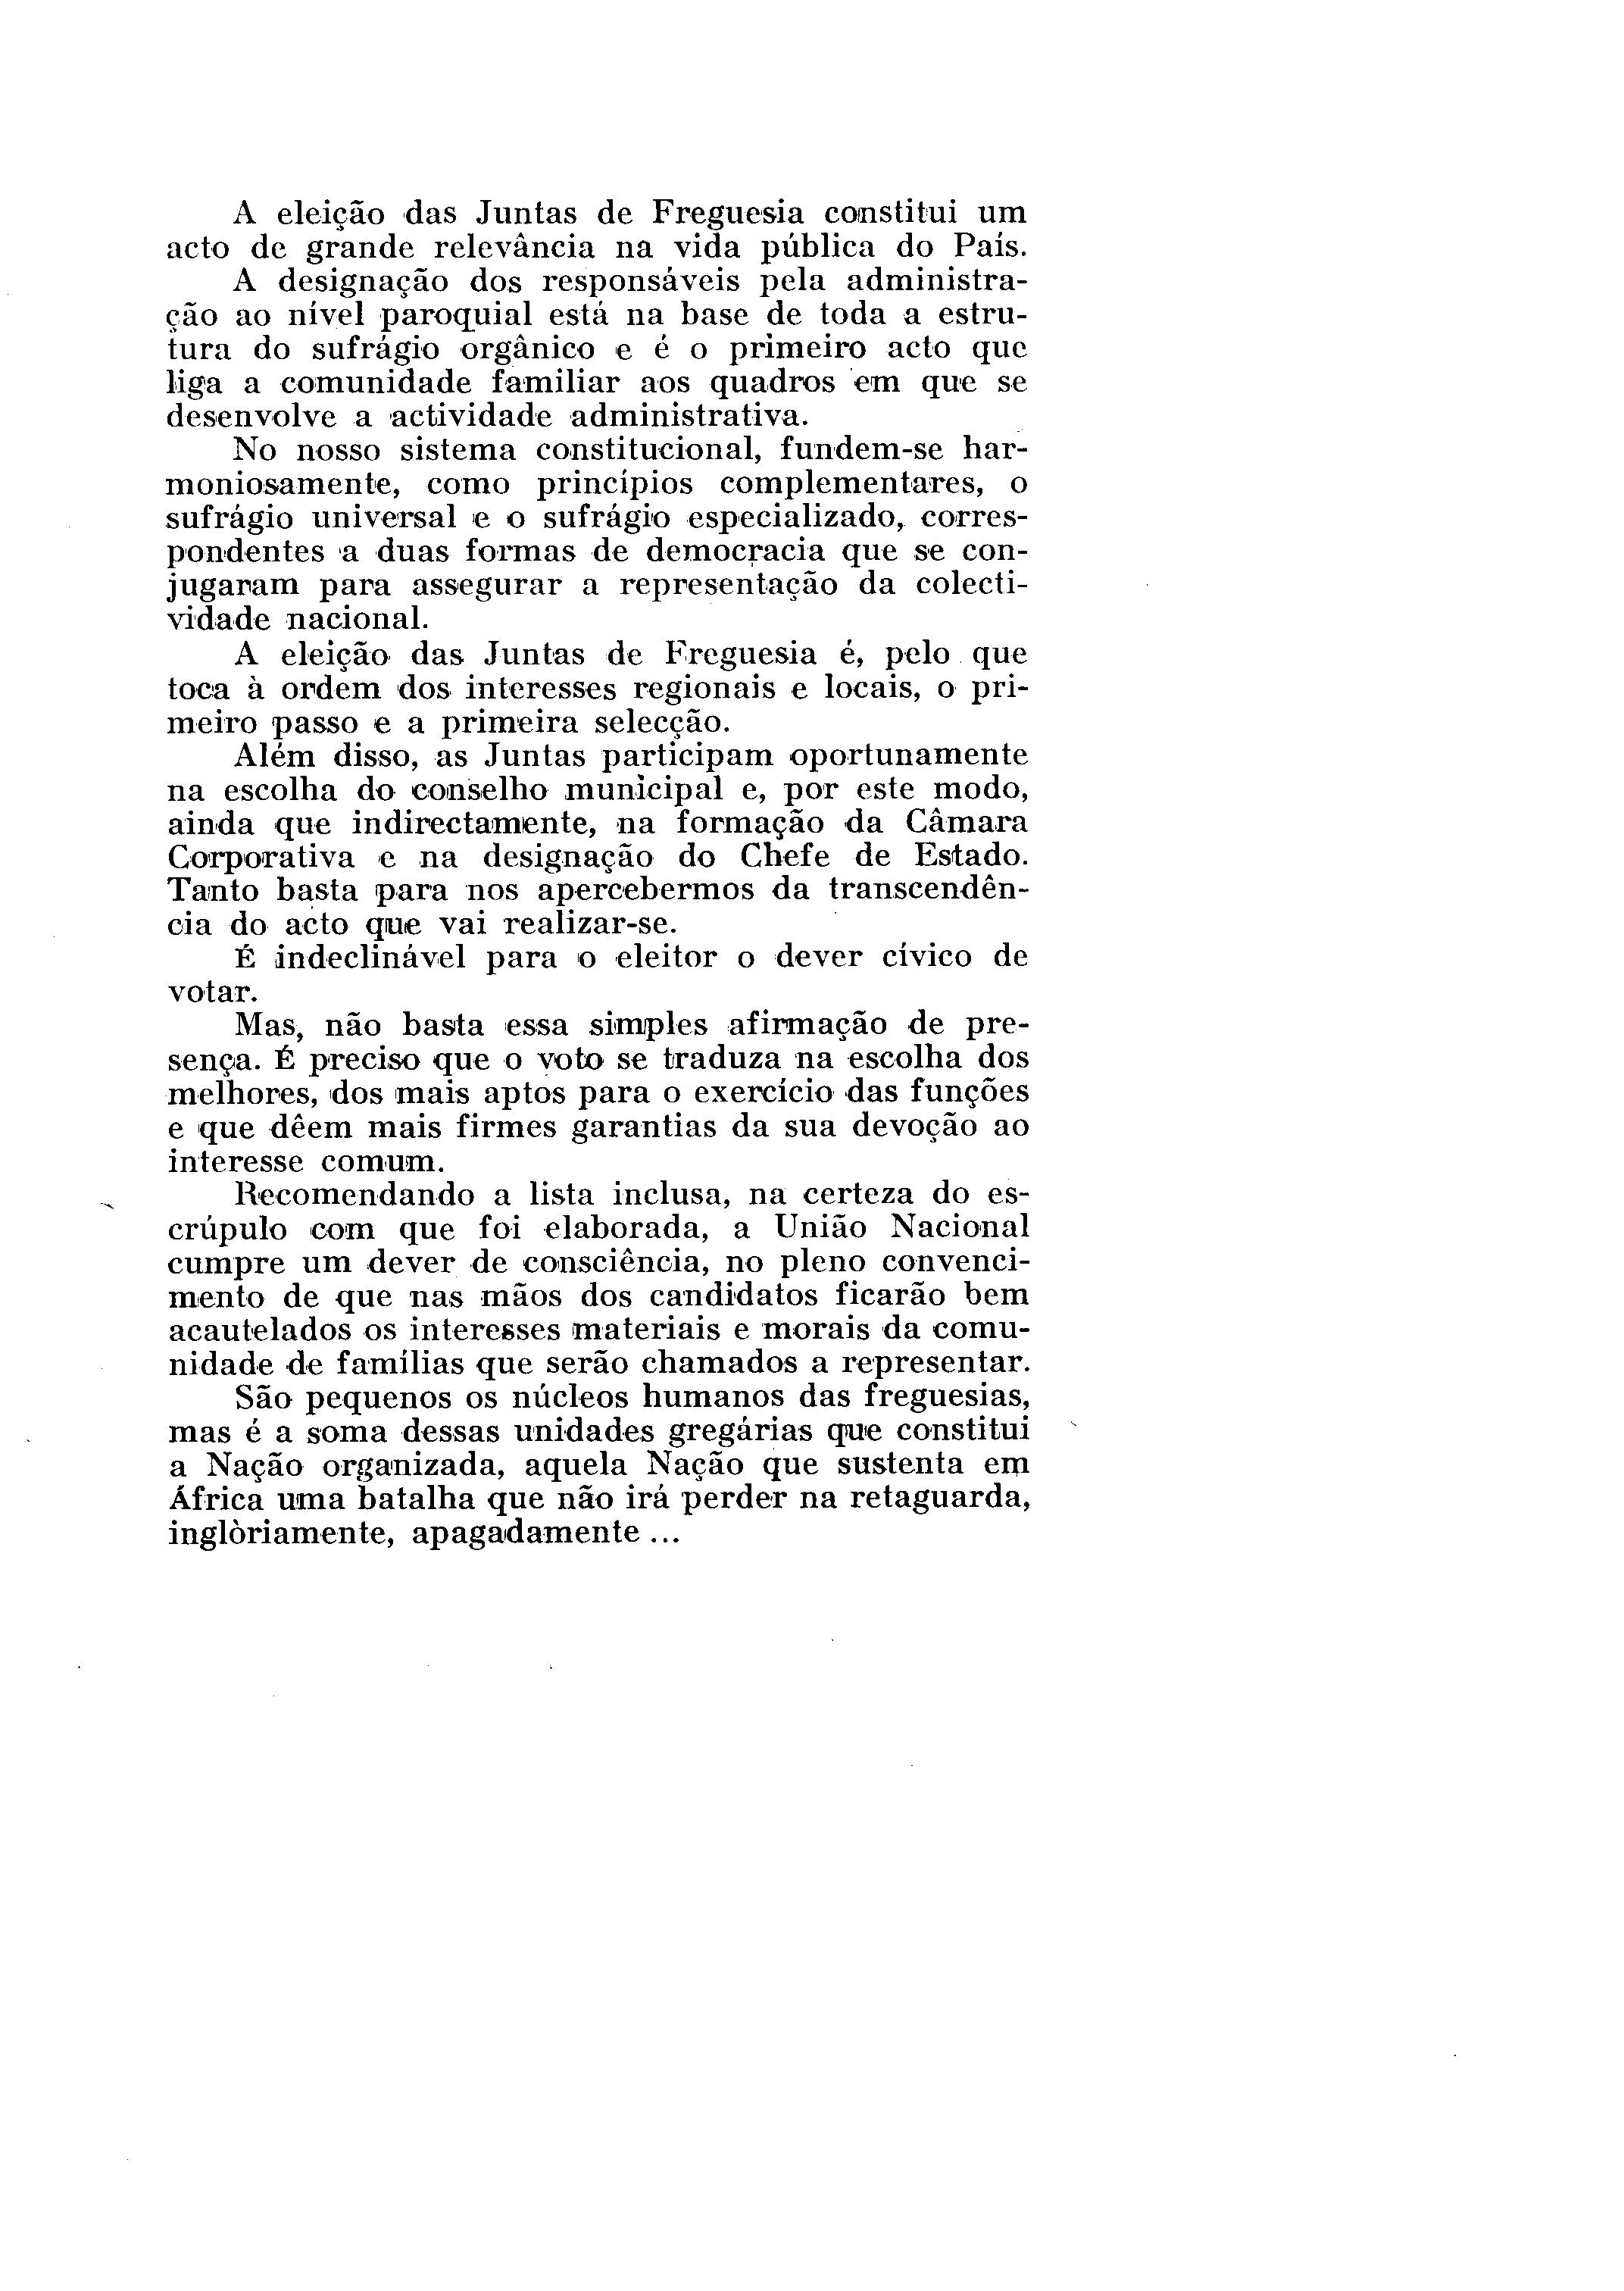 02240.003- pag.1